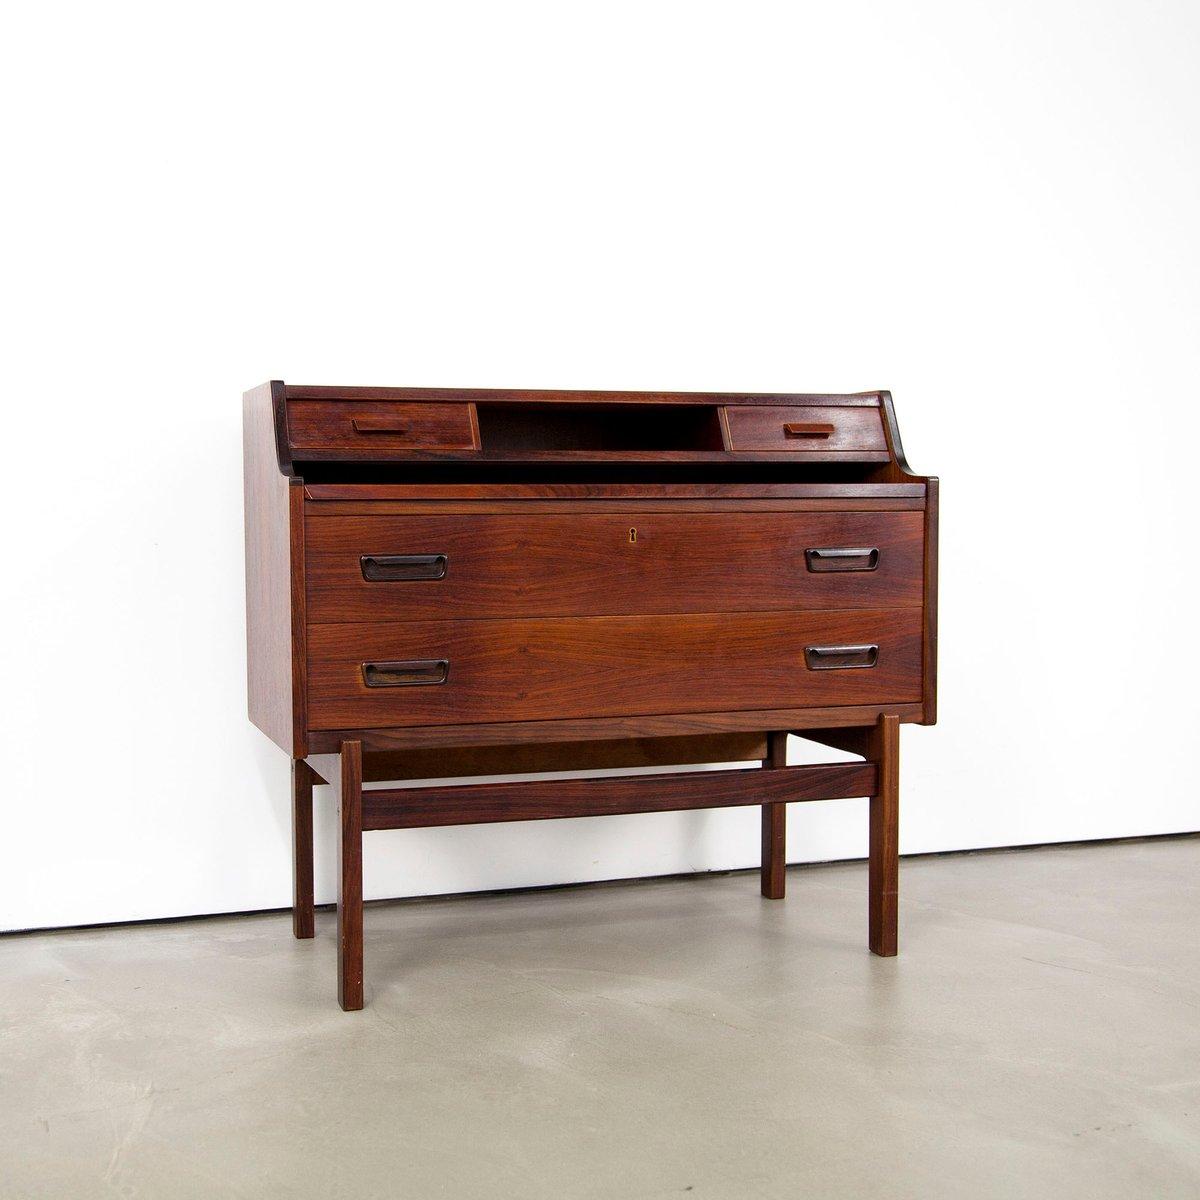 moderner d nischer palisander sekret r von arne wahl. Black Bedroom Furniture Sets. Home Design Ideas